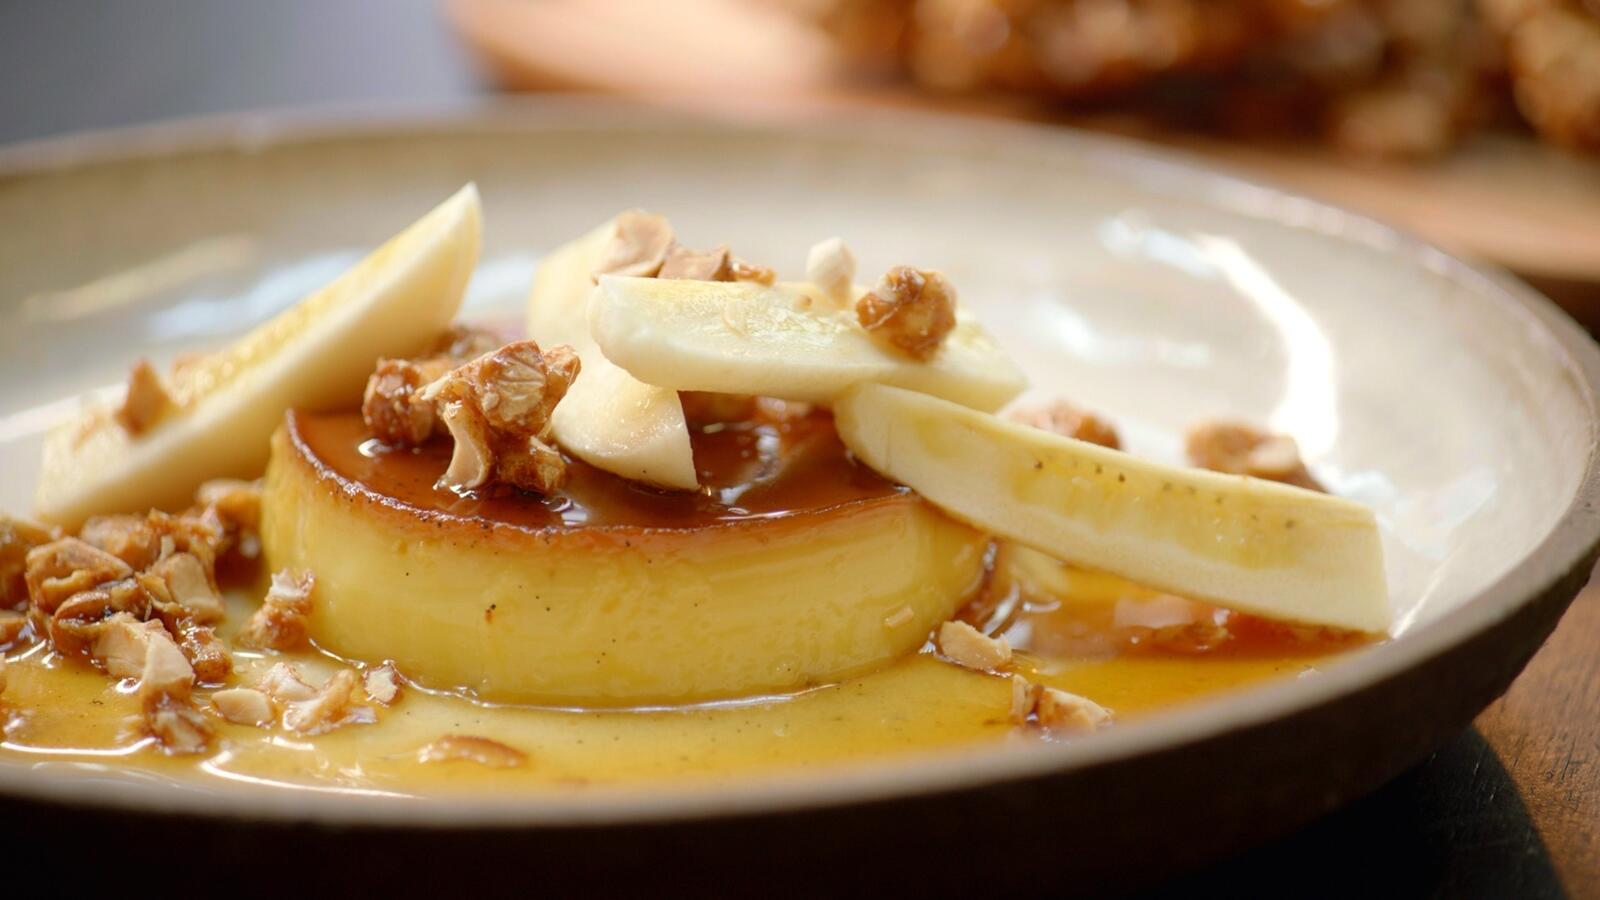 Flan-karamel met banaan en gekarameliseerde pinda